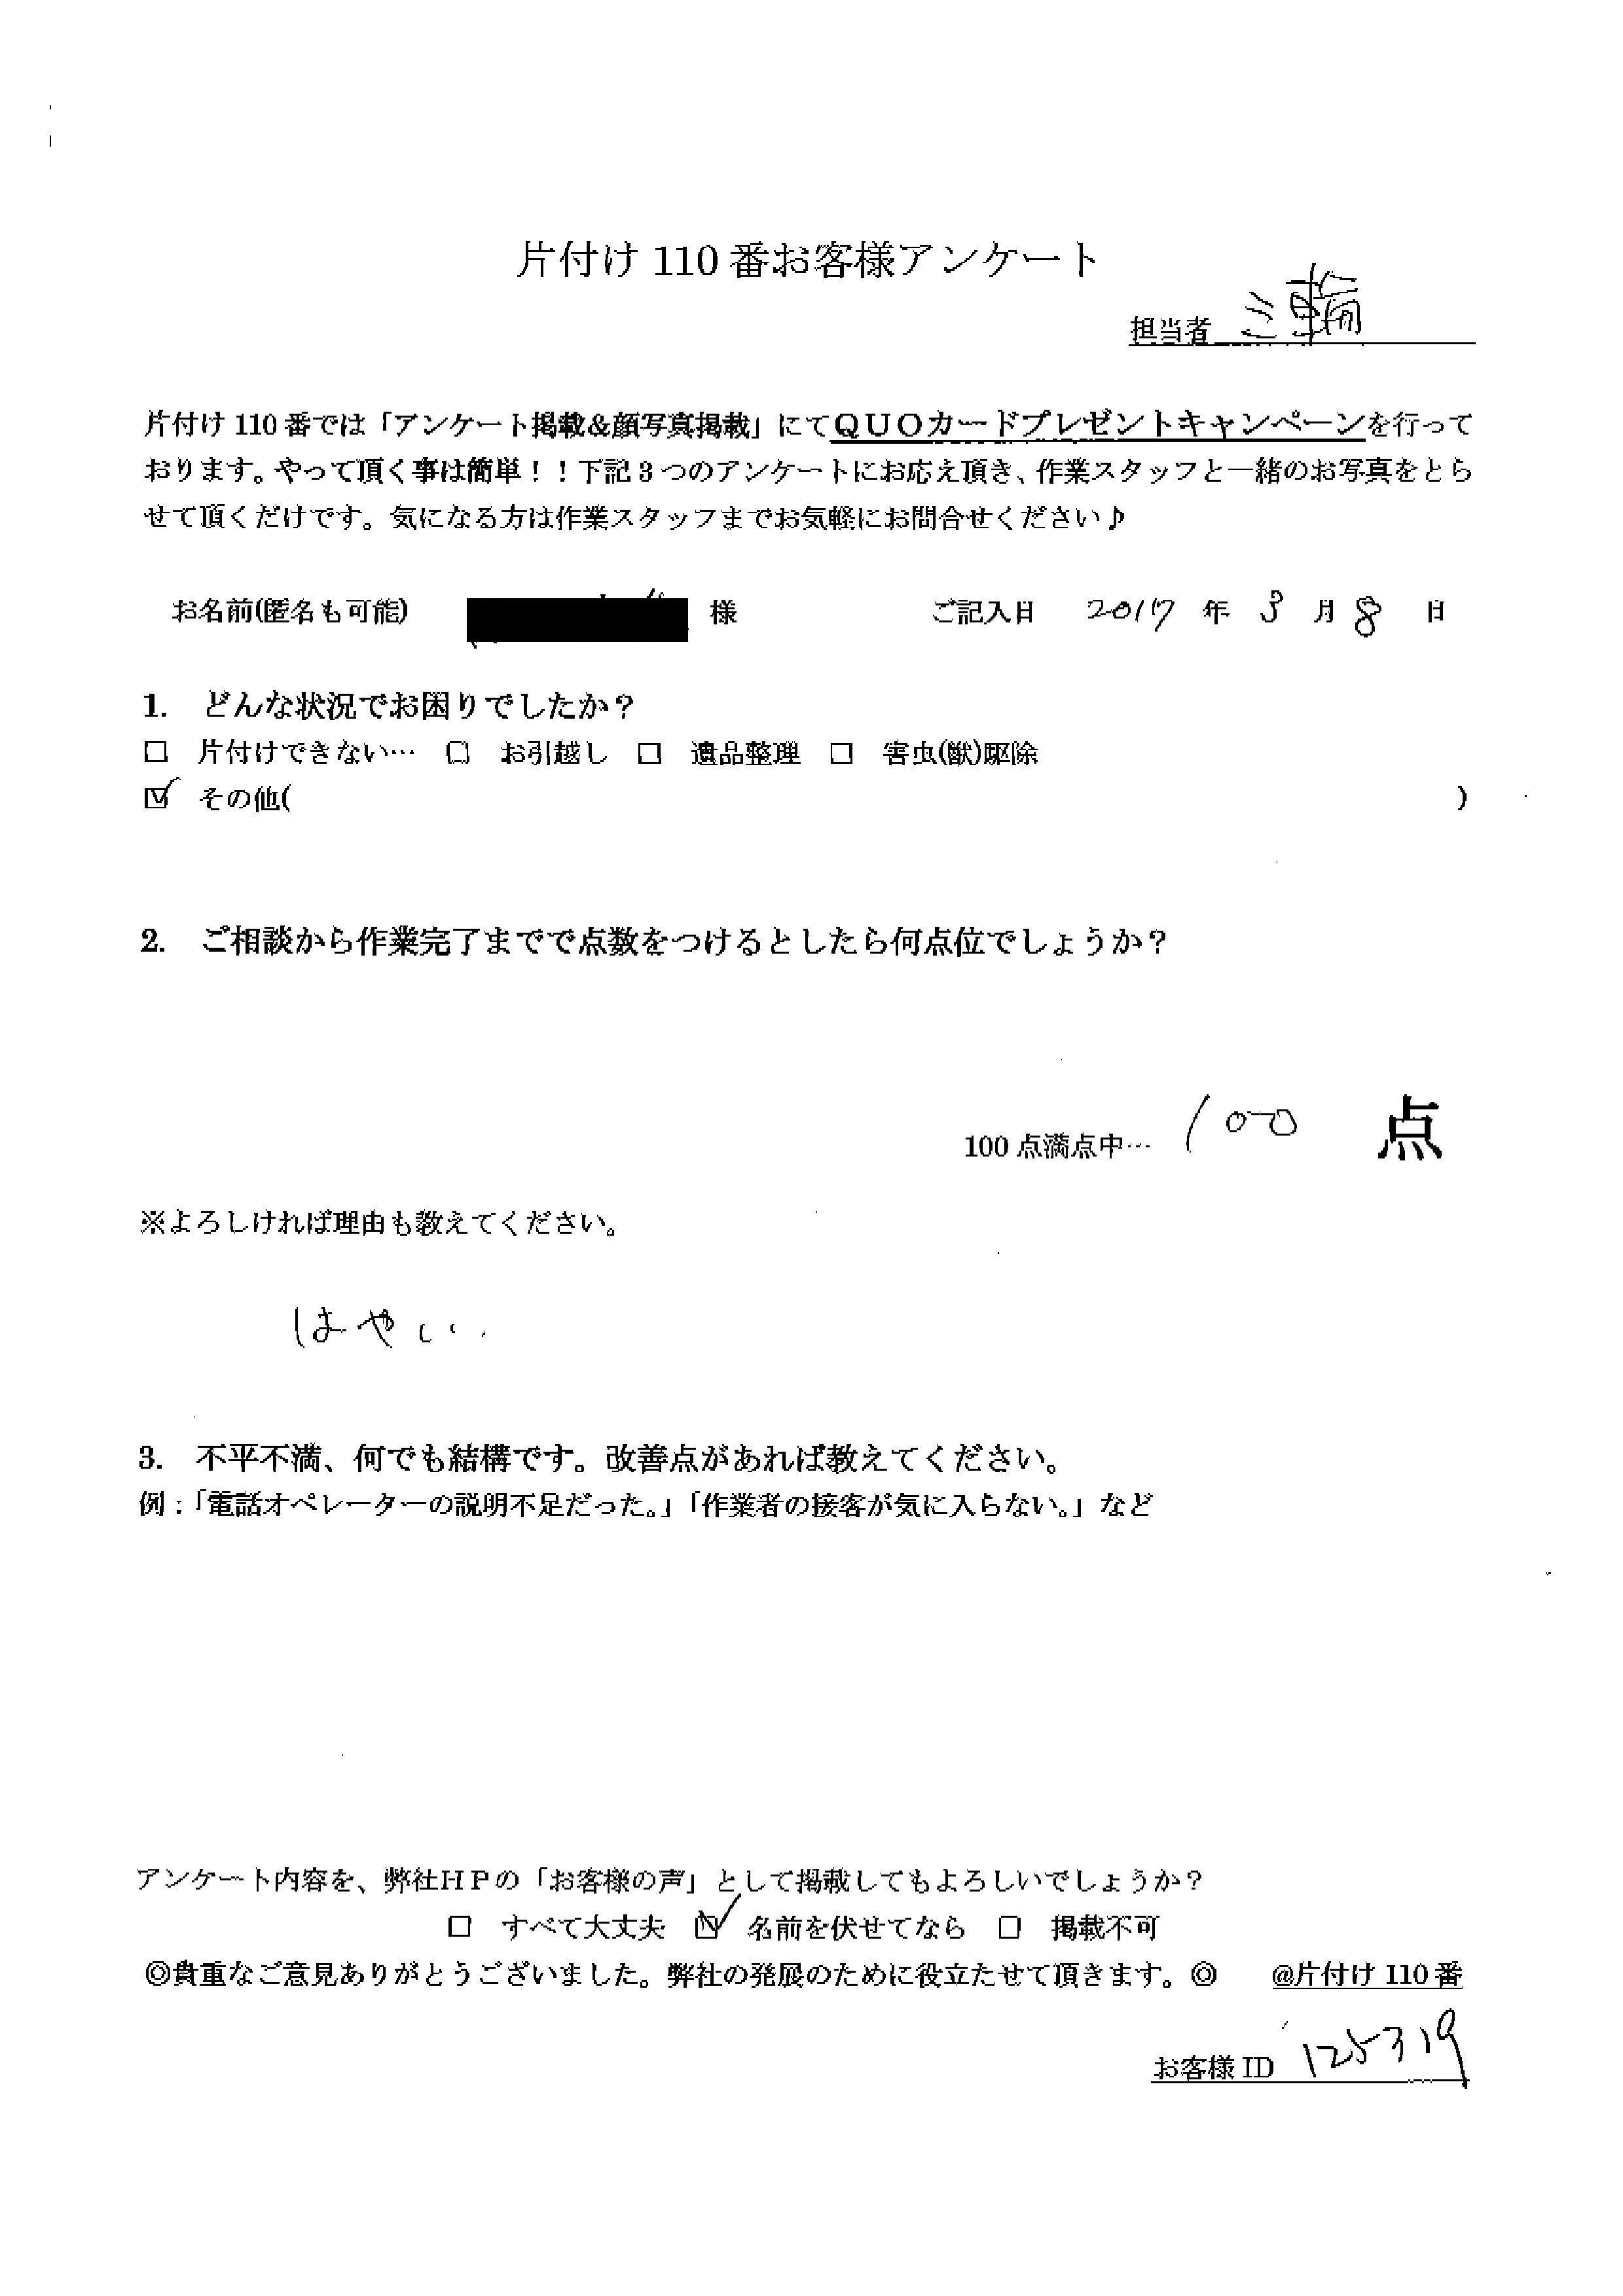 【名古屋市】テナント退去に伴う金庫の処分☆スピーディに回収できご満足いただけました!